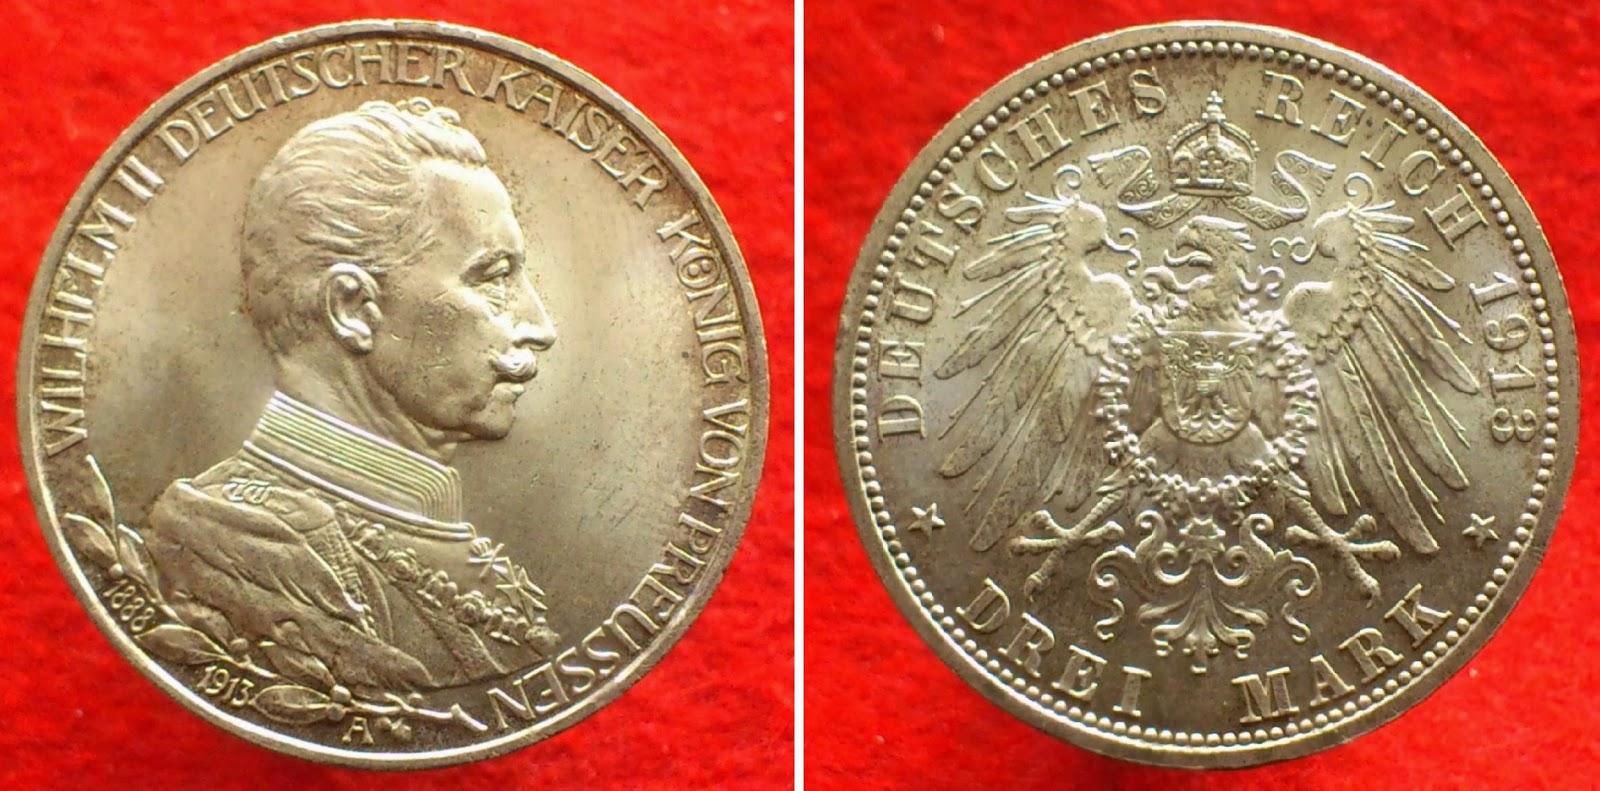 Monedas de colección : Monedas del Reino de Prusia (Borussorum moneta)